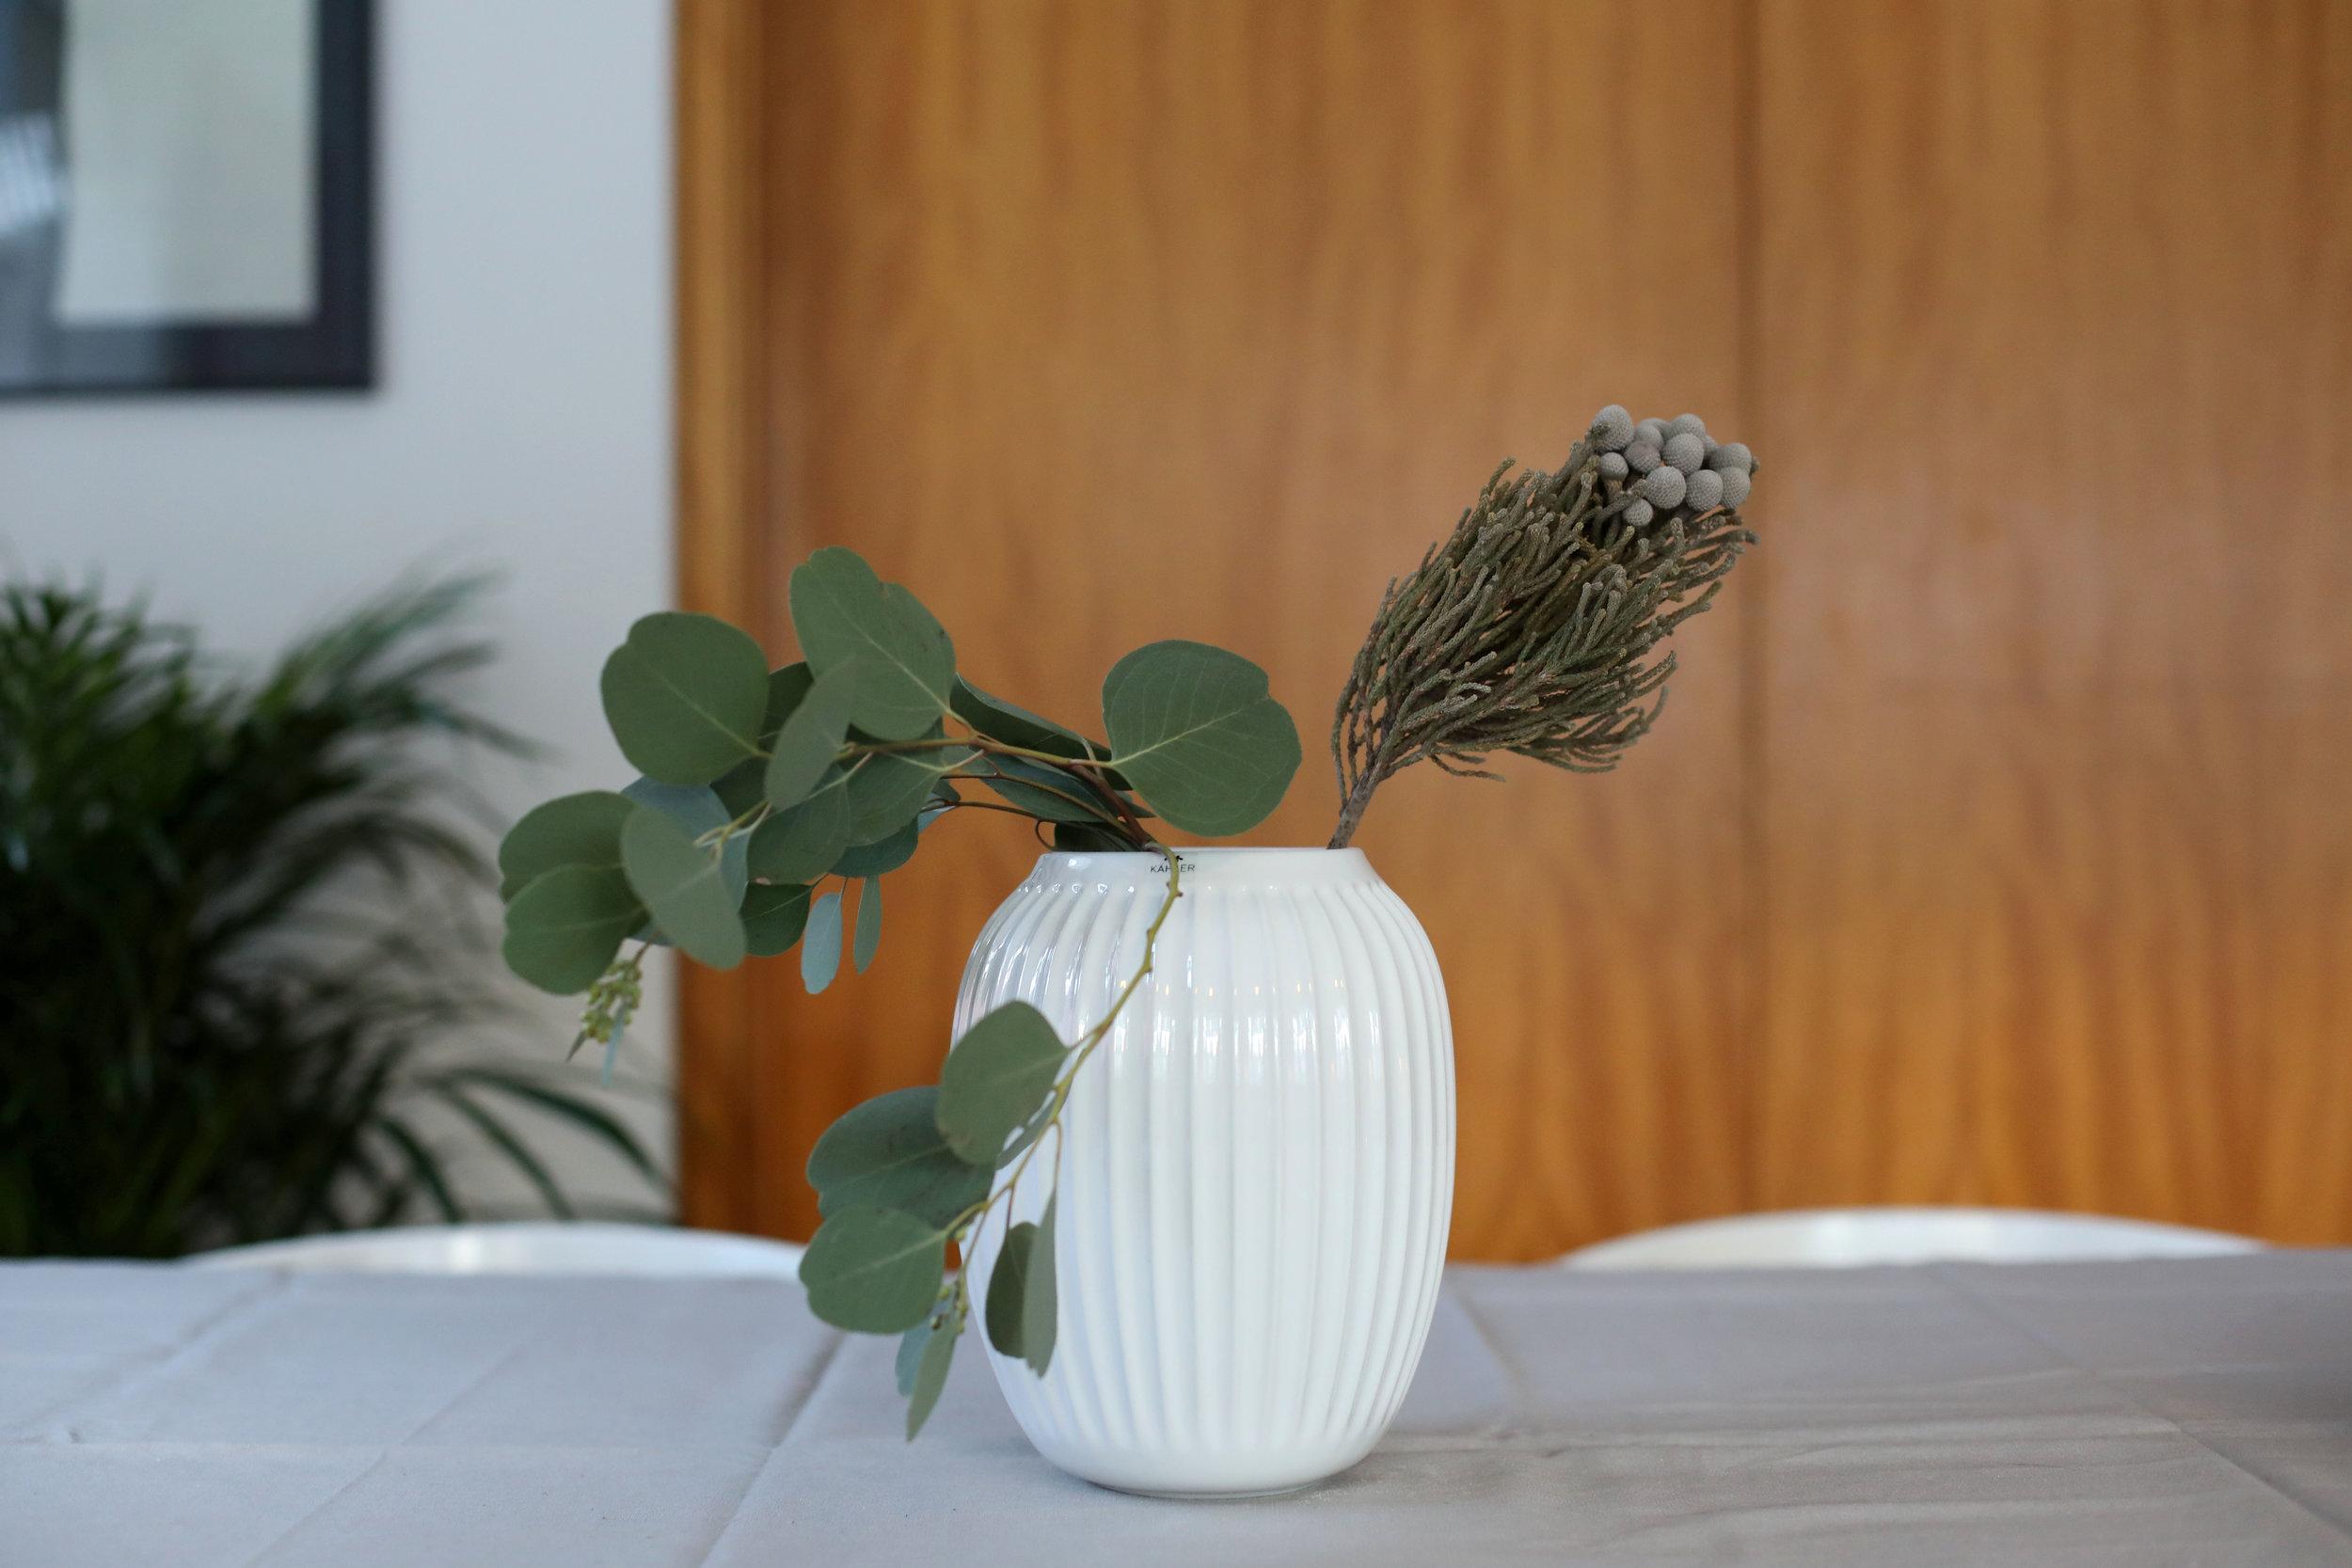 flower-green-reykjavik-homedecor-home